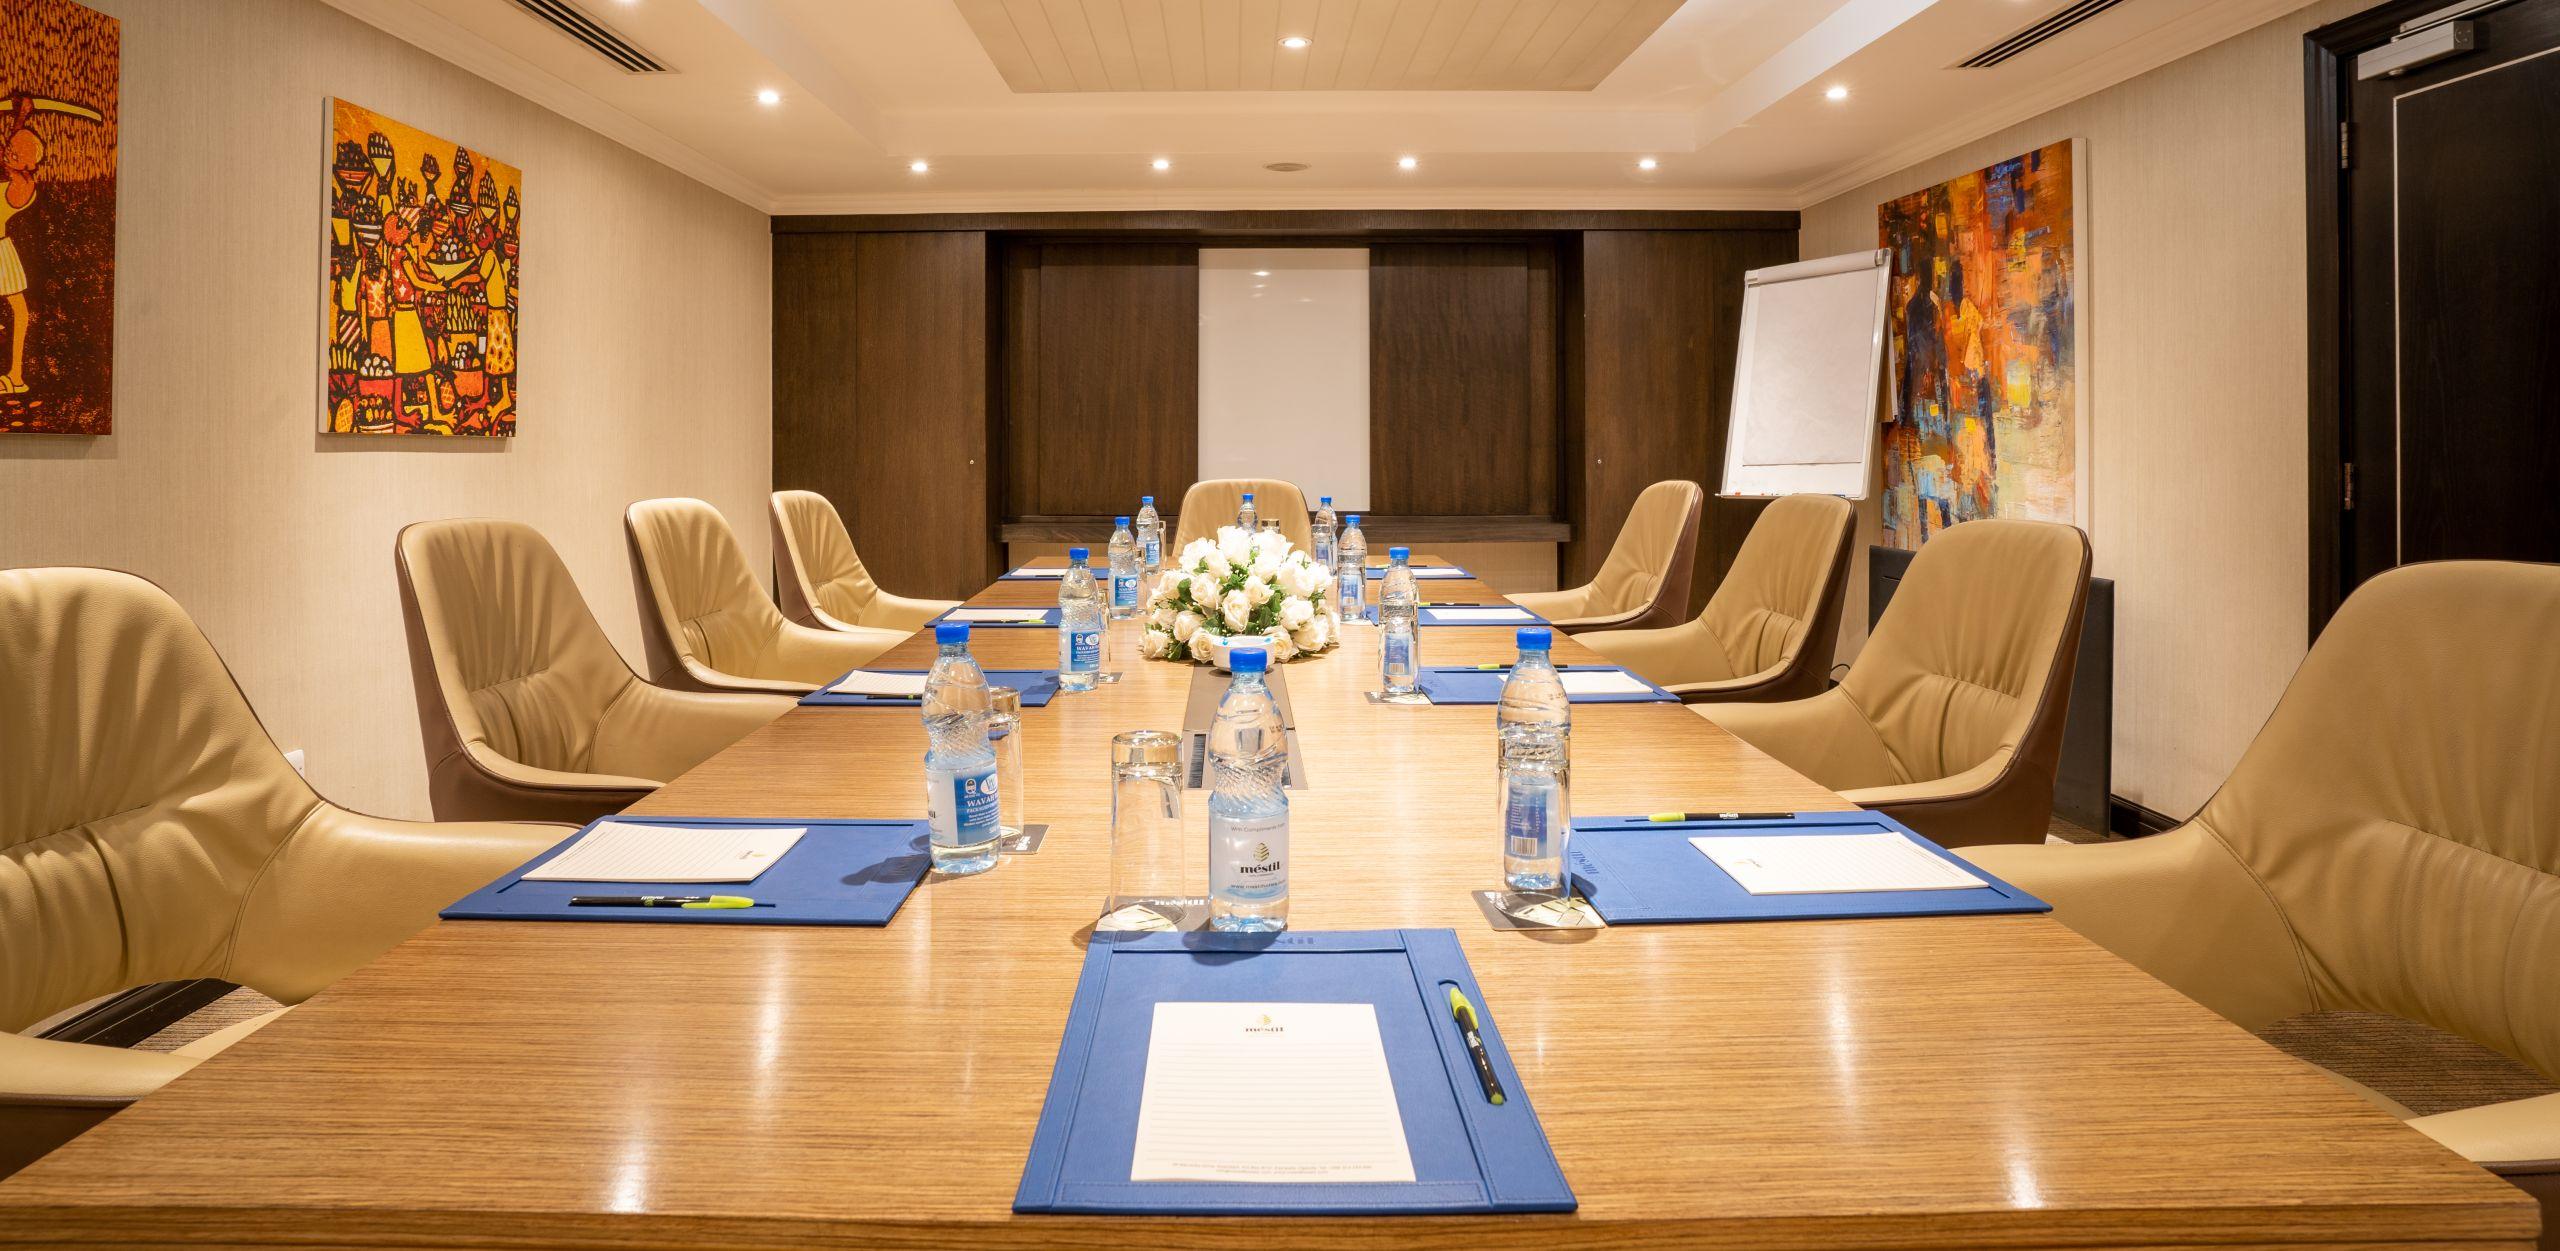 Homepage 5: Meeting room